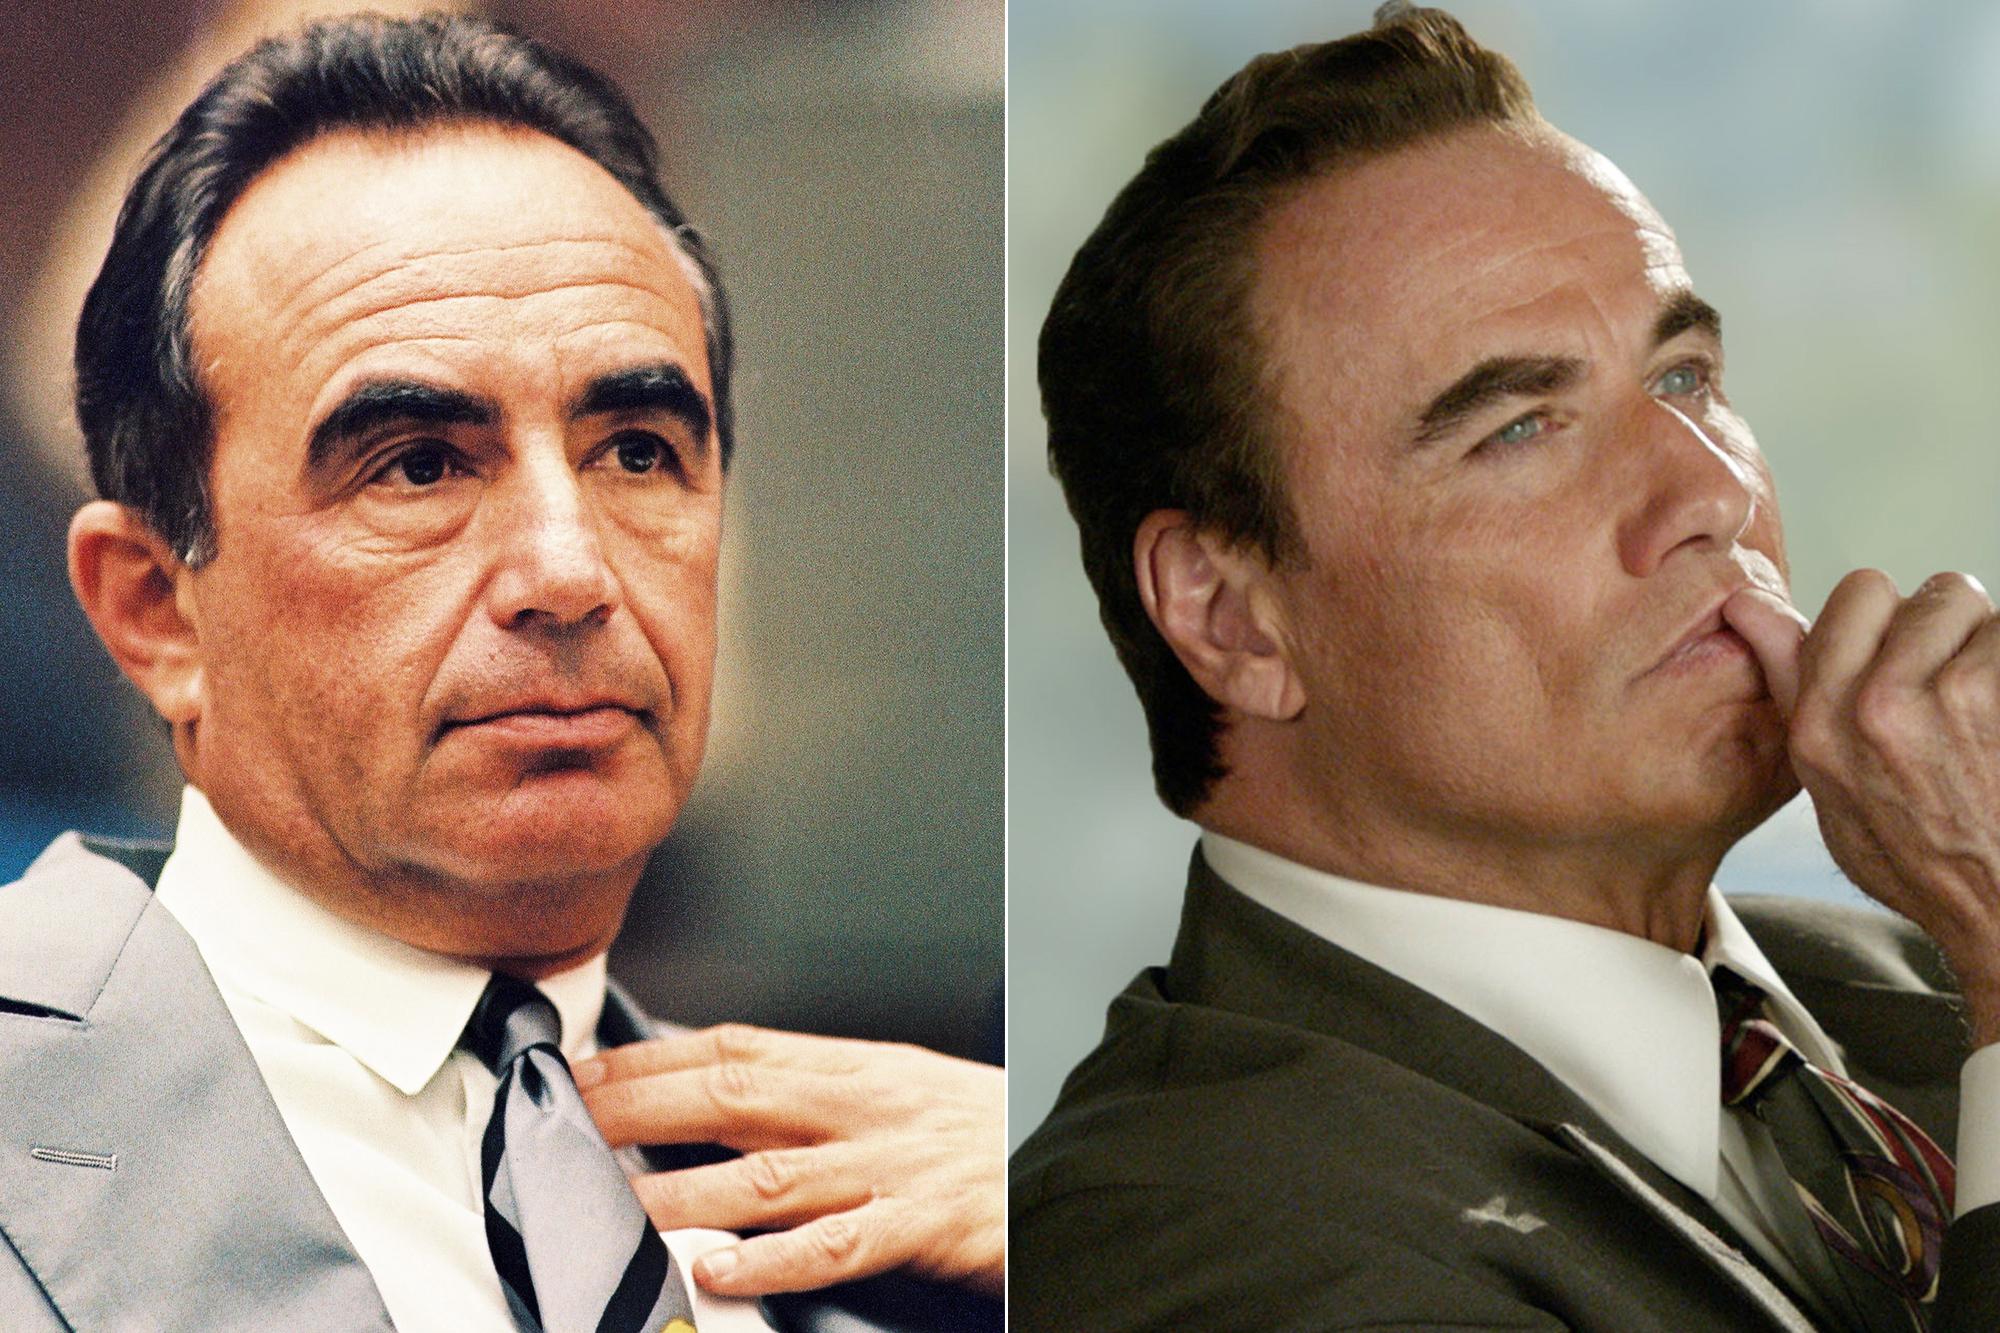 Left: Defense attorney Robert Shapiro; Right:  John Travolta.